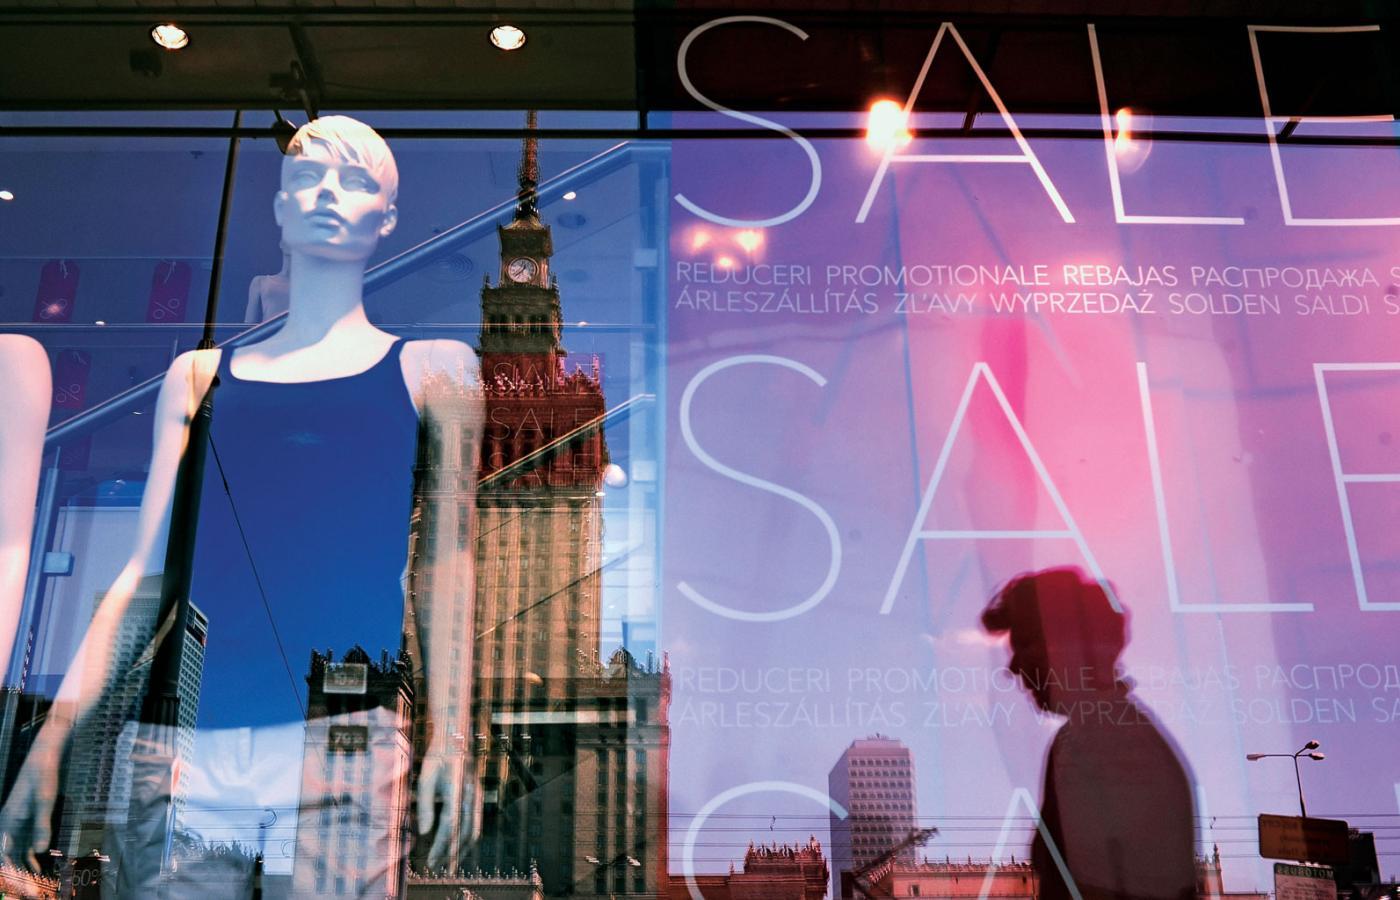 8ebce24182fa5 Chodzi o to, by konsumenta zachęcić do zrobienia zakupu, przełamać jego  opór i wątpliwości